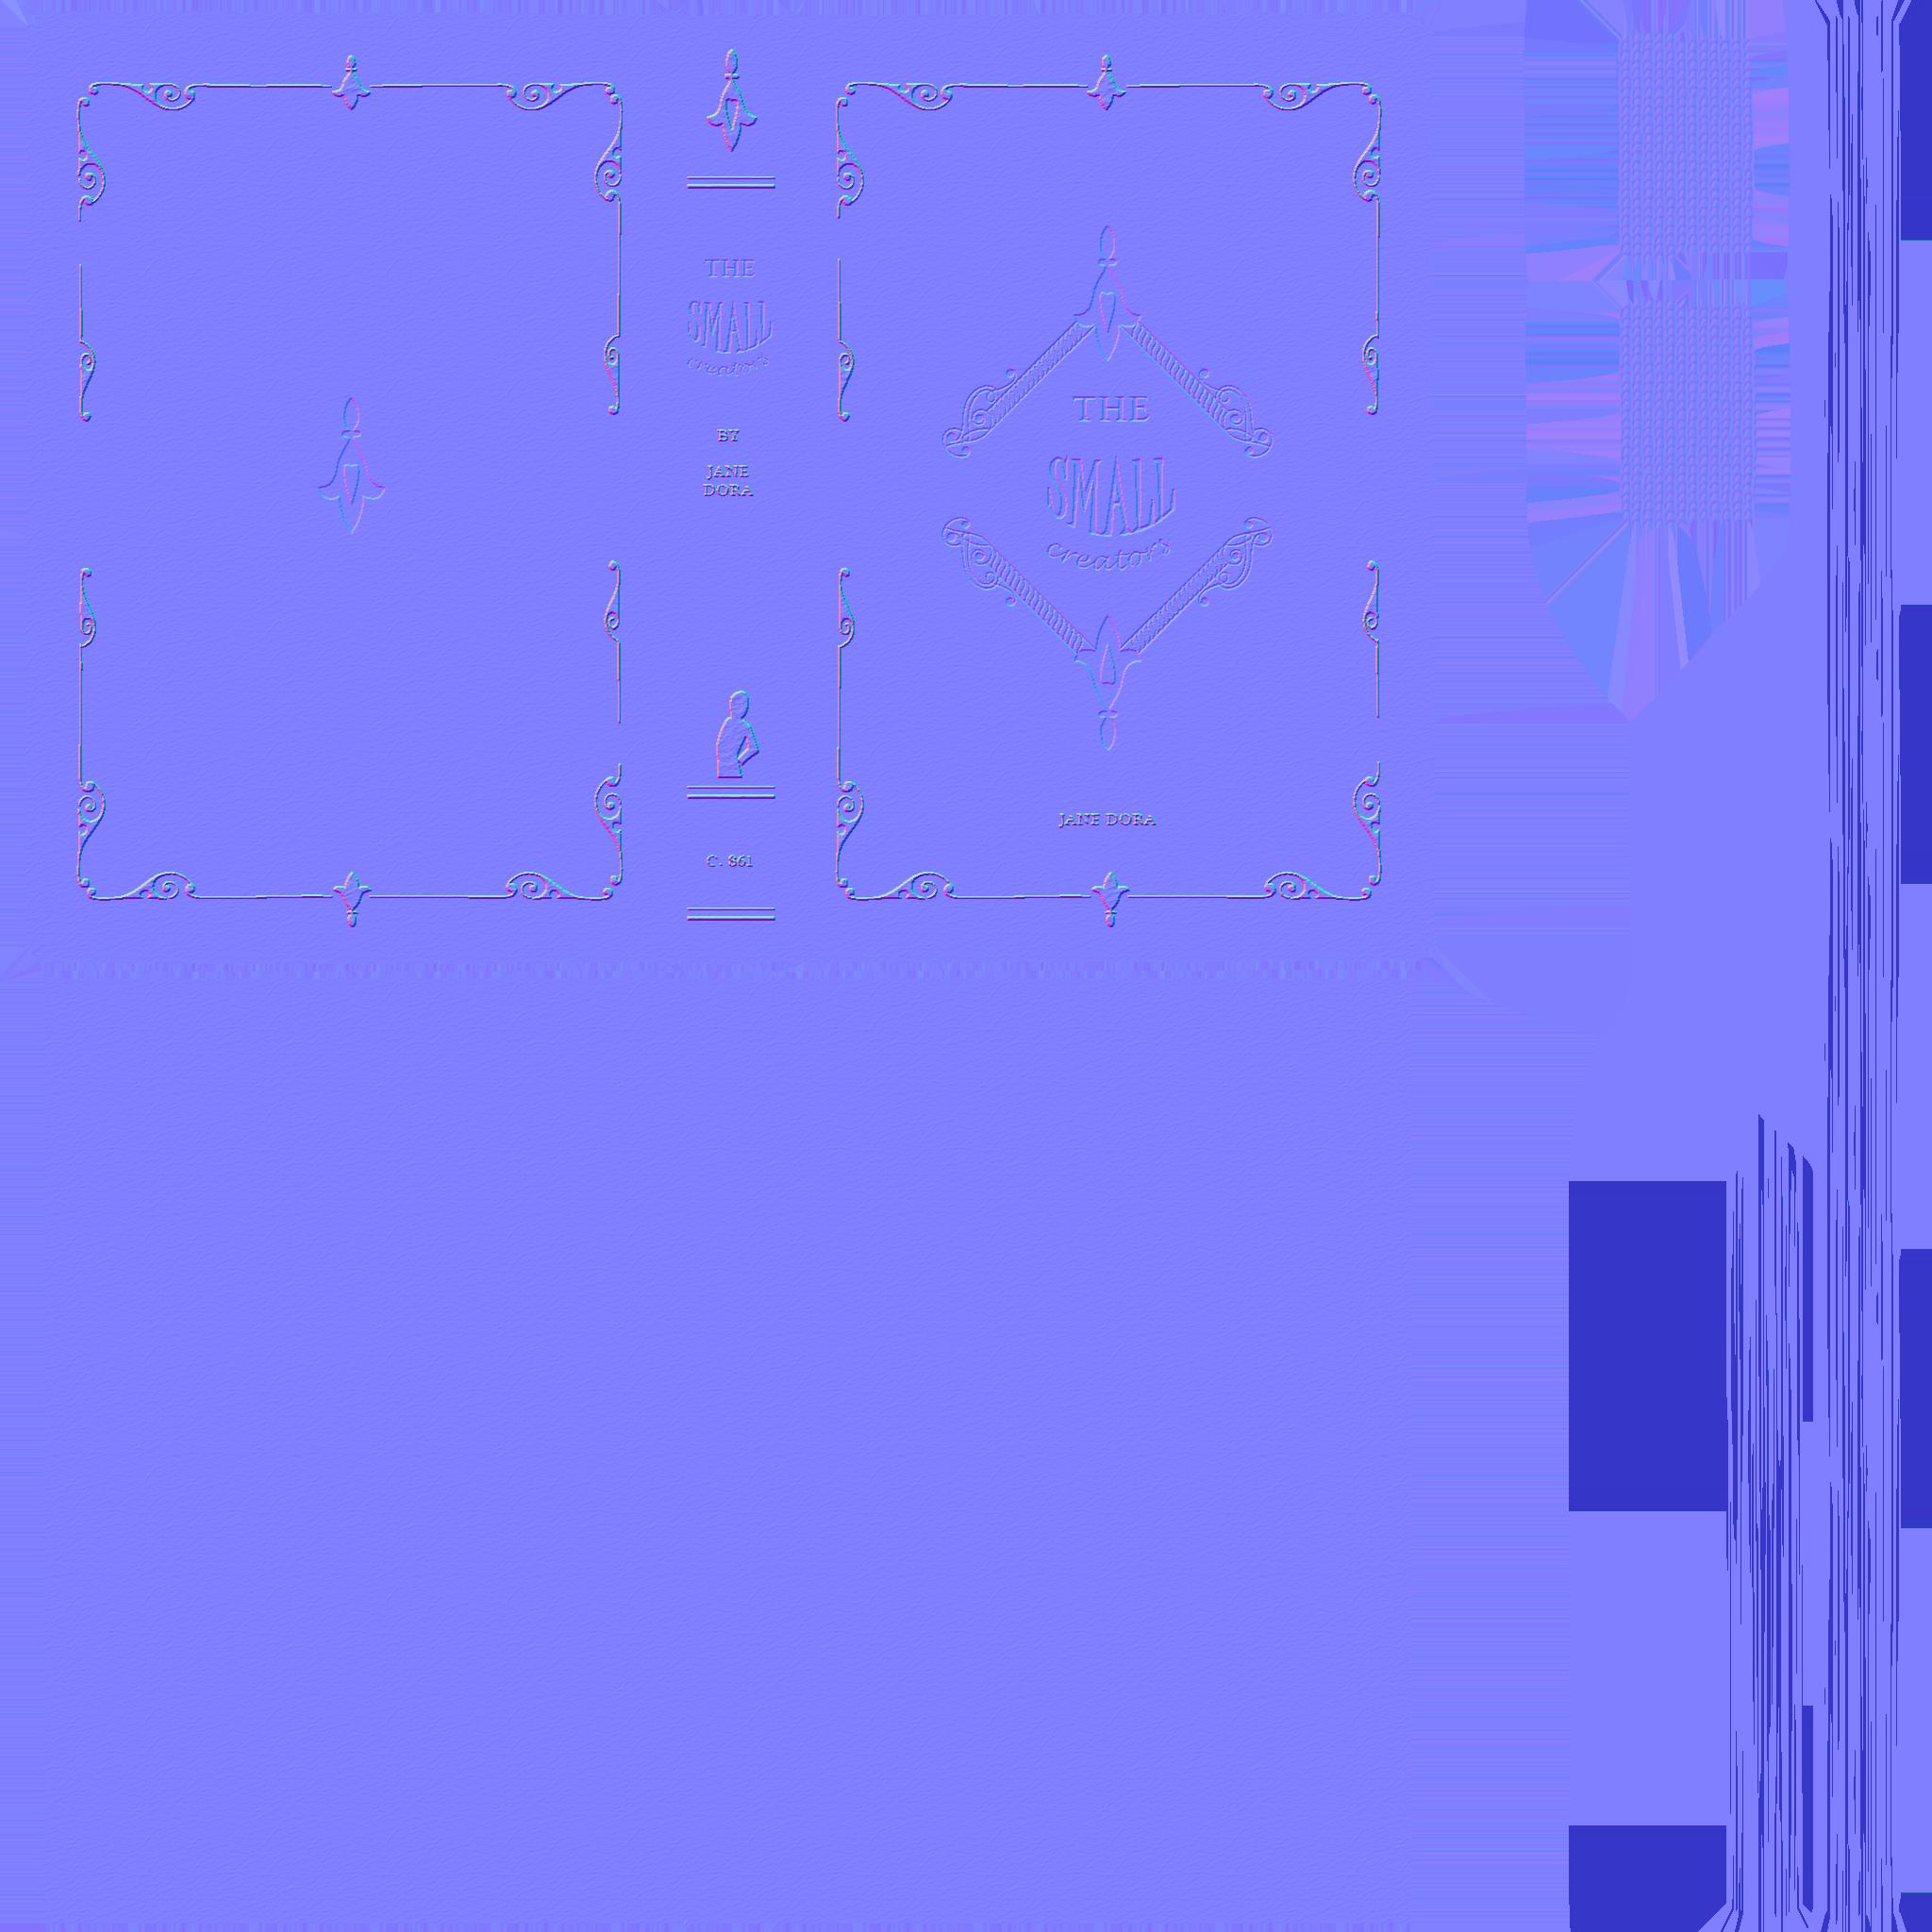 BookB_hp_initialShadingGroup_Normal.png